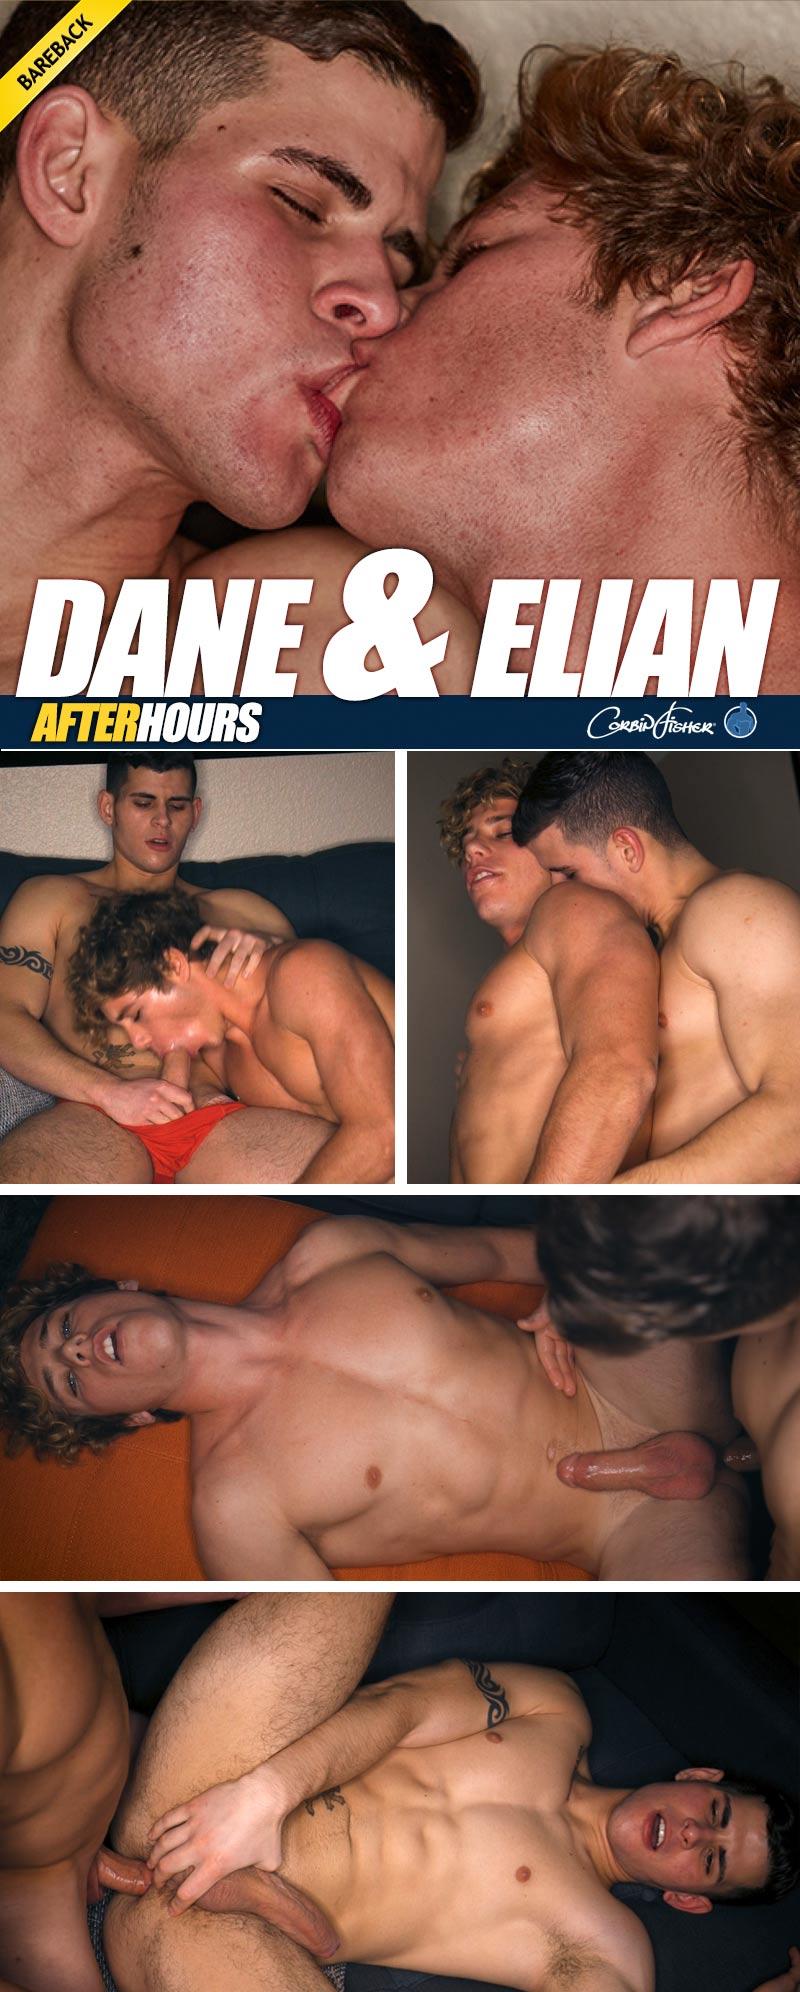 Dane & Elian 'After Hours' Flip-Fuck at CorbinFisher